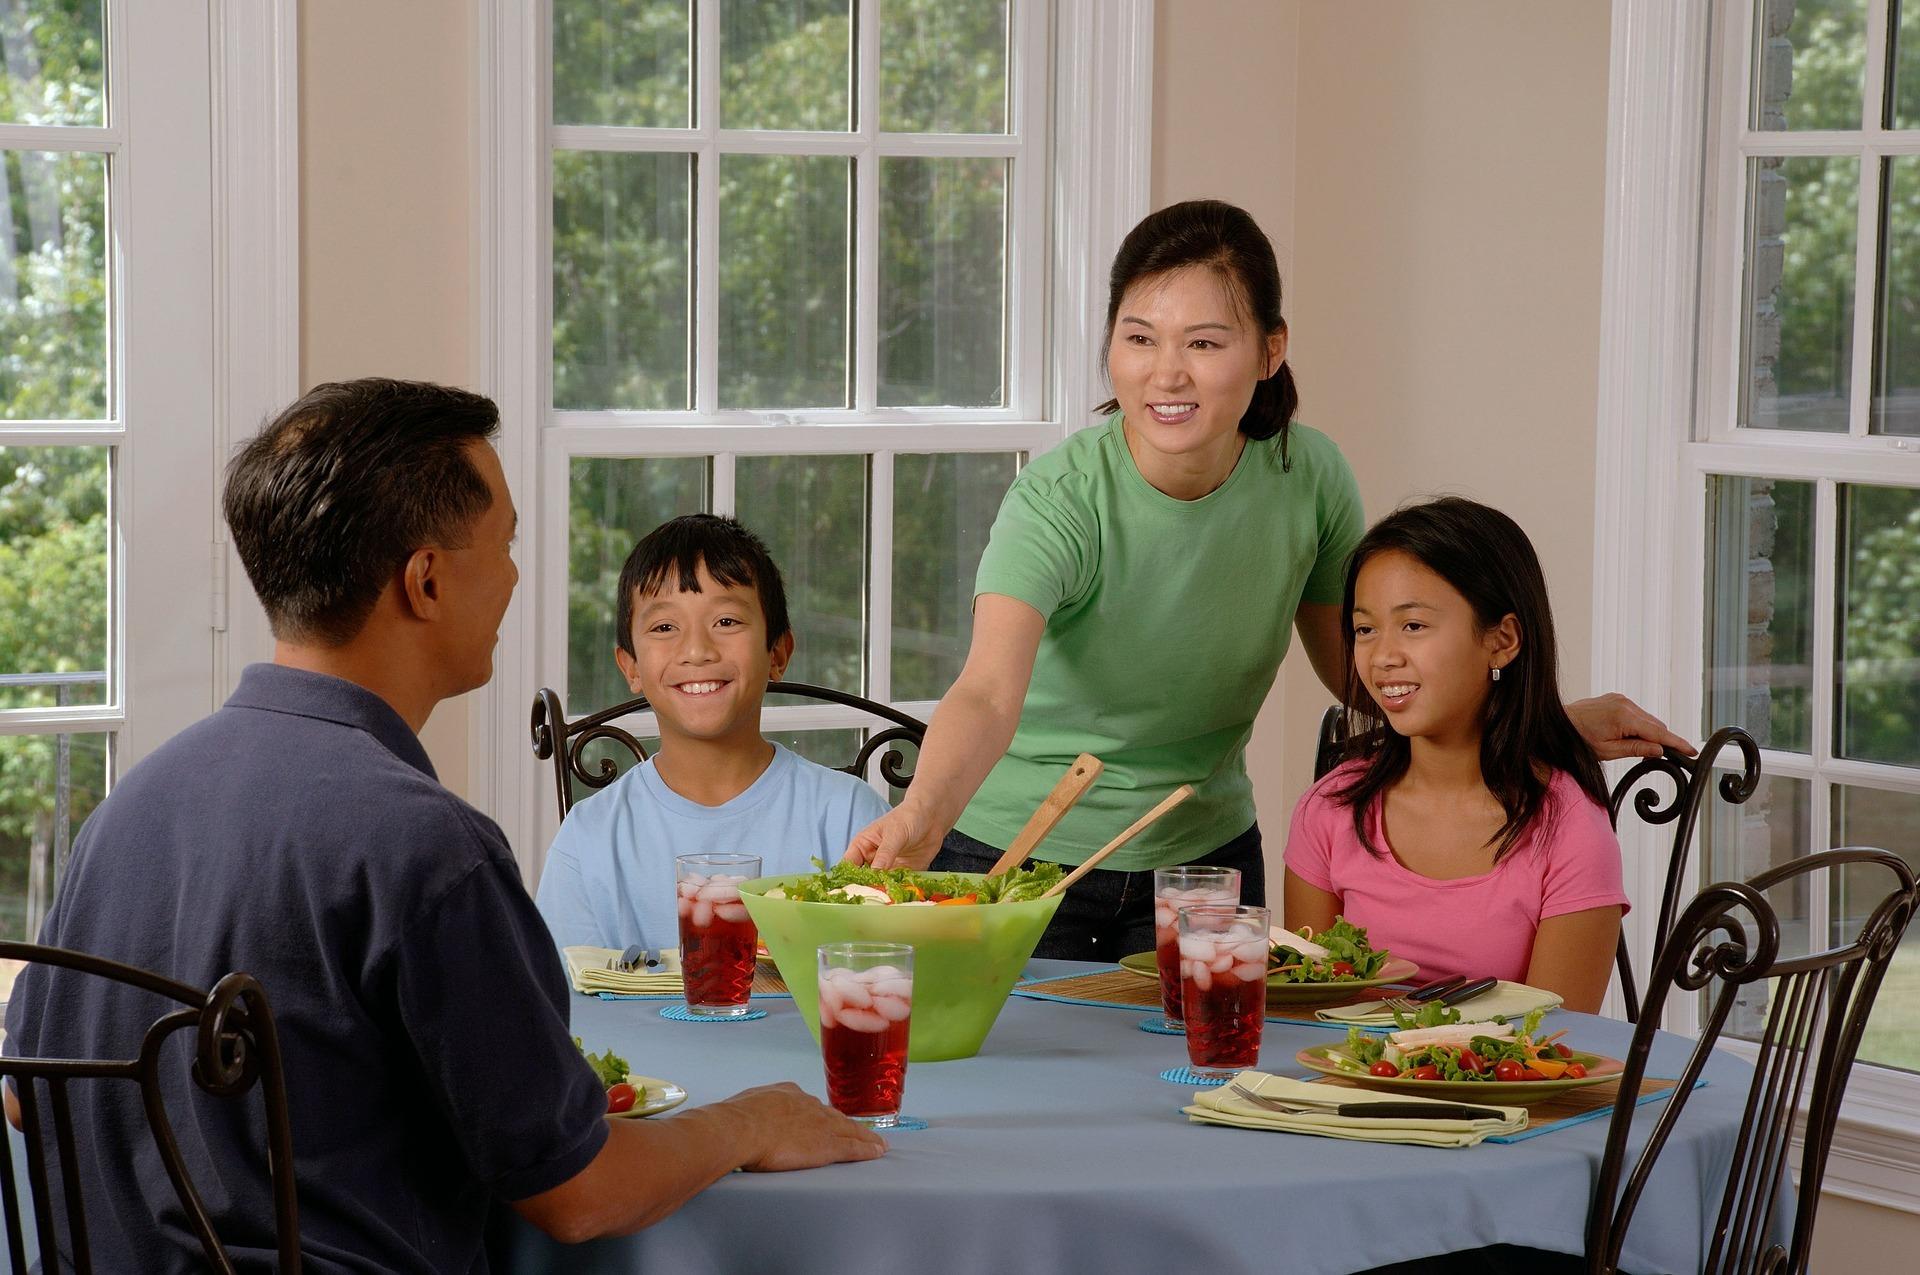 Der ewige Speiseplan auf konsumguerilla.net